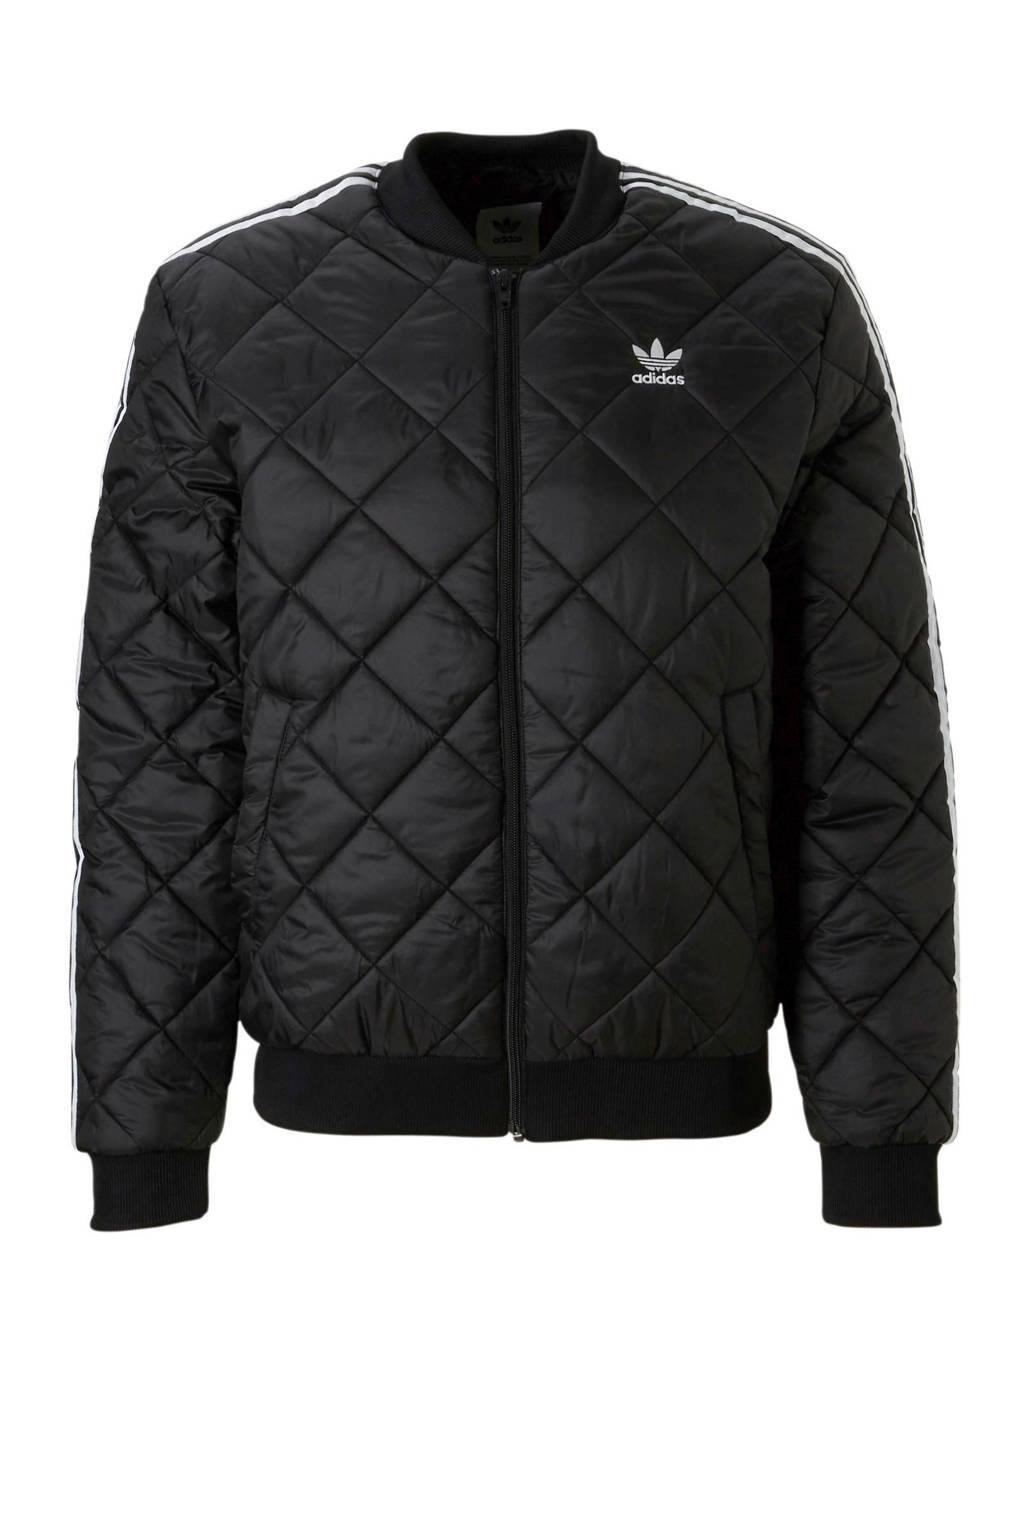 adidas originals   jas, Zwart